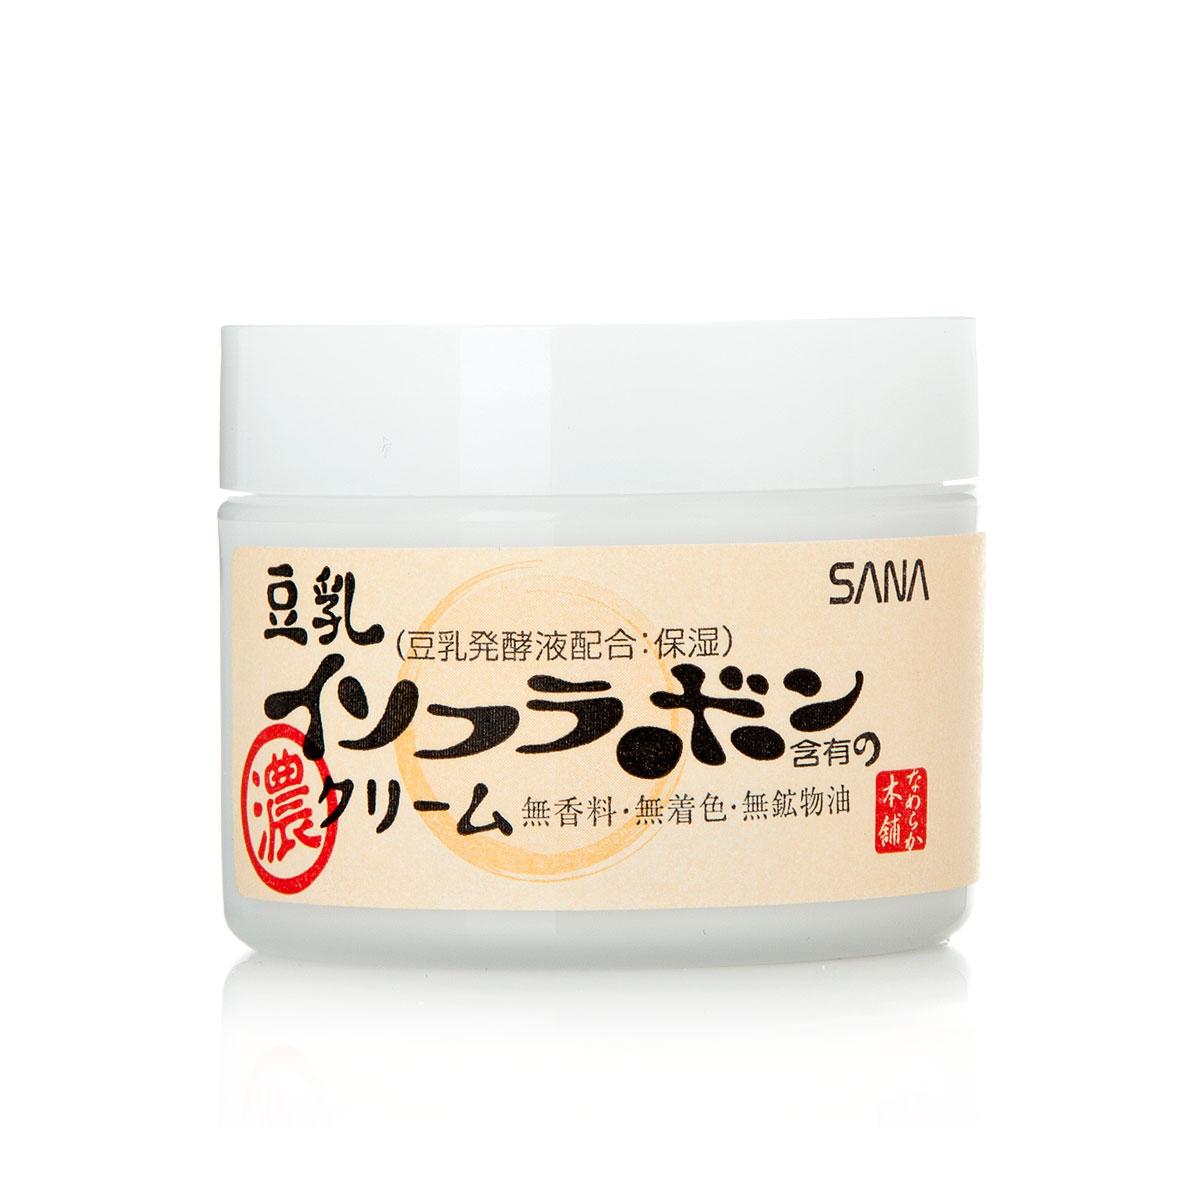 SANA莎娜浓润豆乳美肌滋养霜面霜50g-产品参数